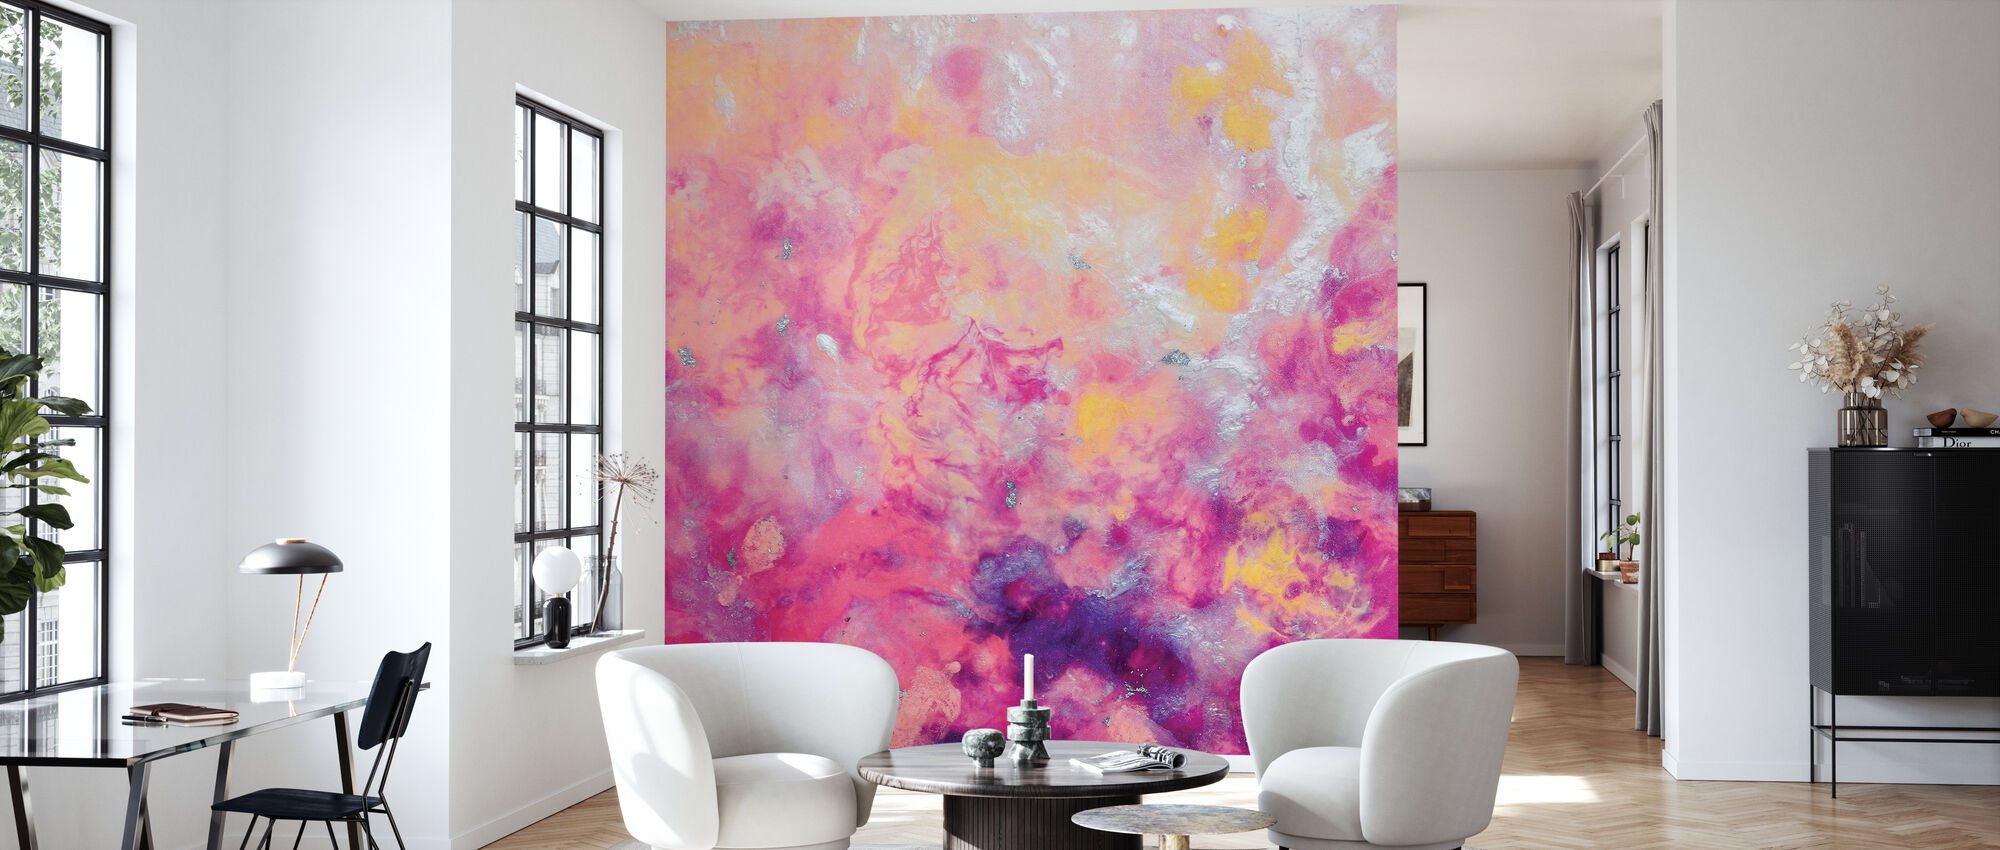 Gentle Flames - Wallpaper - Living Room